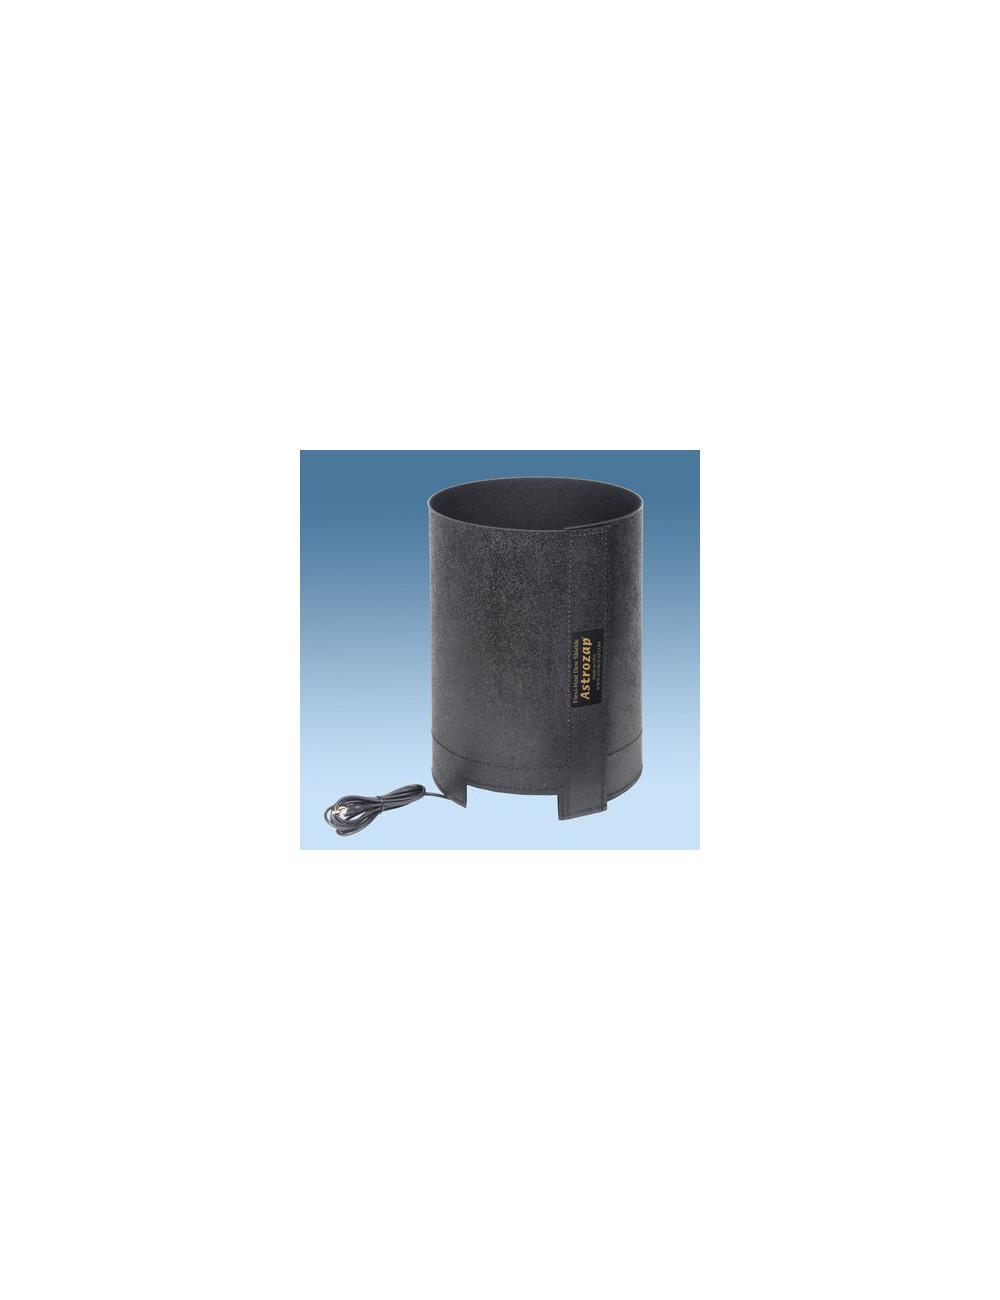 Pare-buée + résistance chauffante Astrozap Celestron 14 (314mm)